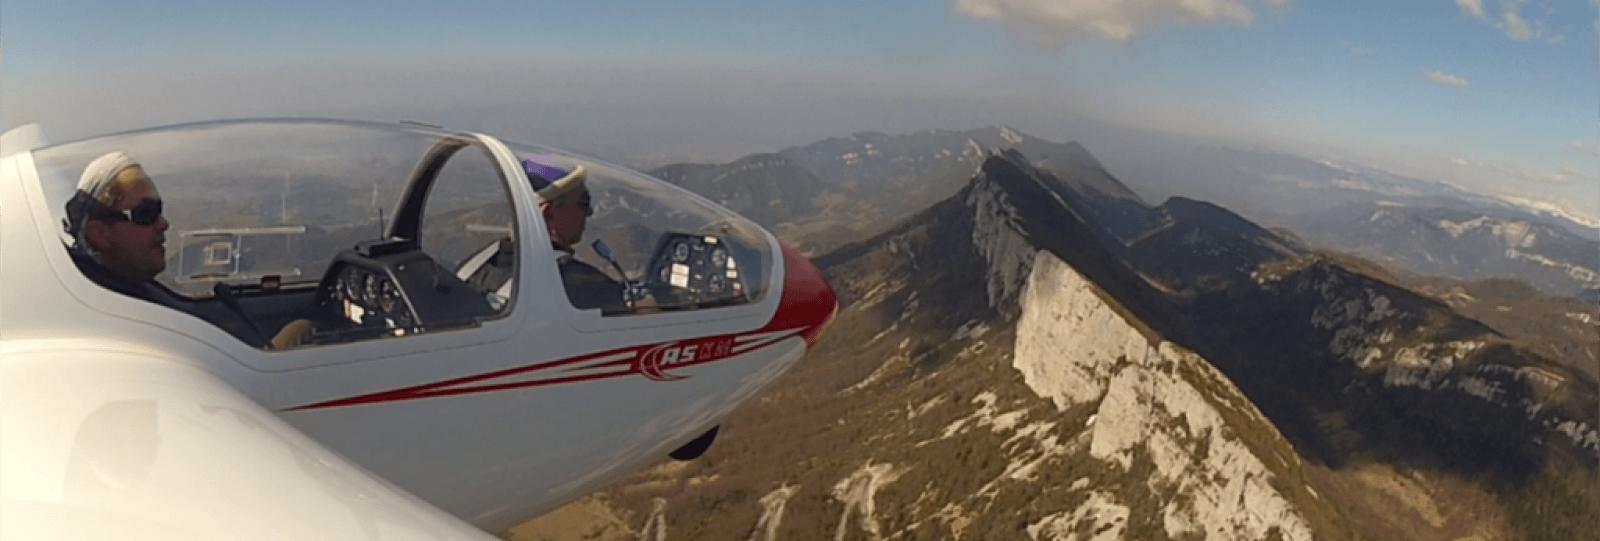 Vercors Vol à Voile - Ecole de pilotage planeur, performance et circuit